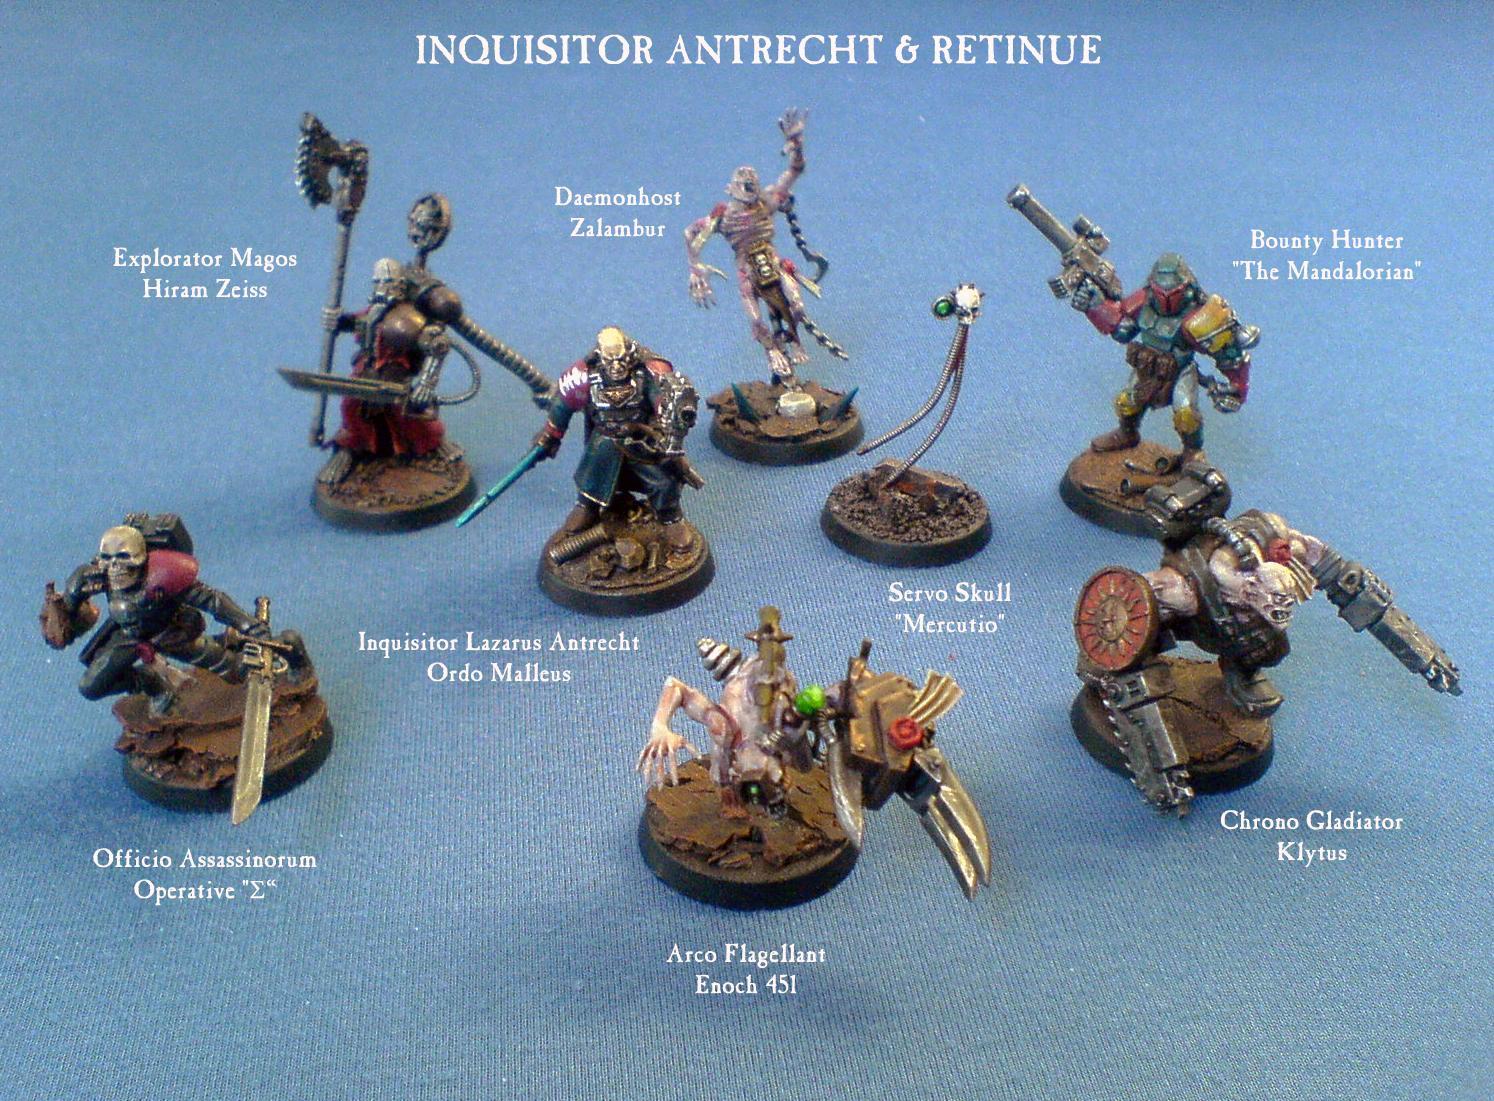 Antrecht, Inq28, Inquisitor, Ordo Malleus, Retinue, Warhammer 40,000